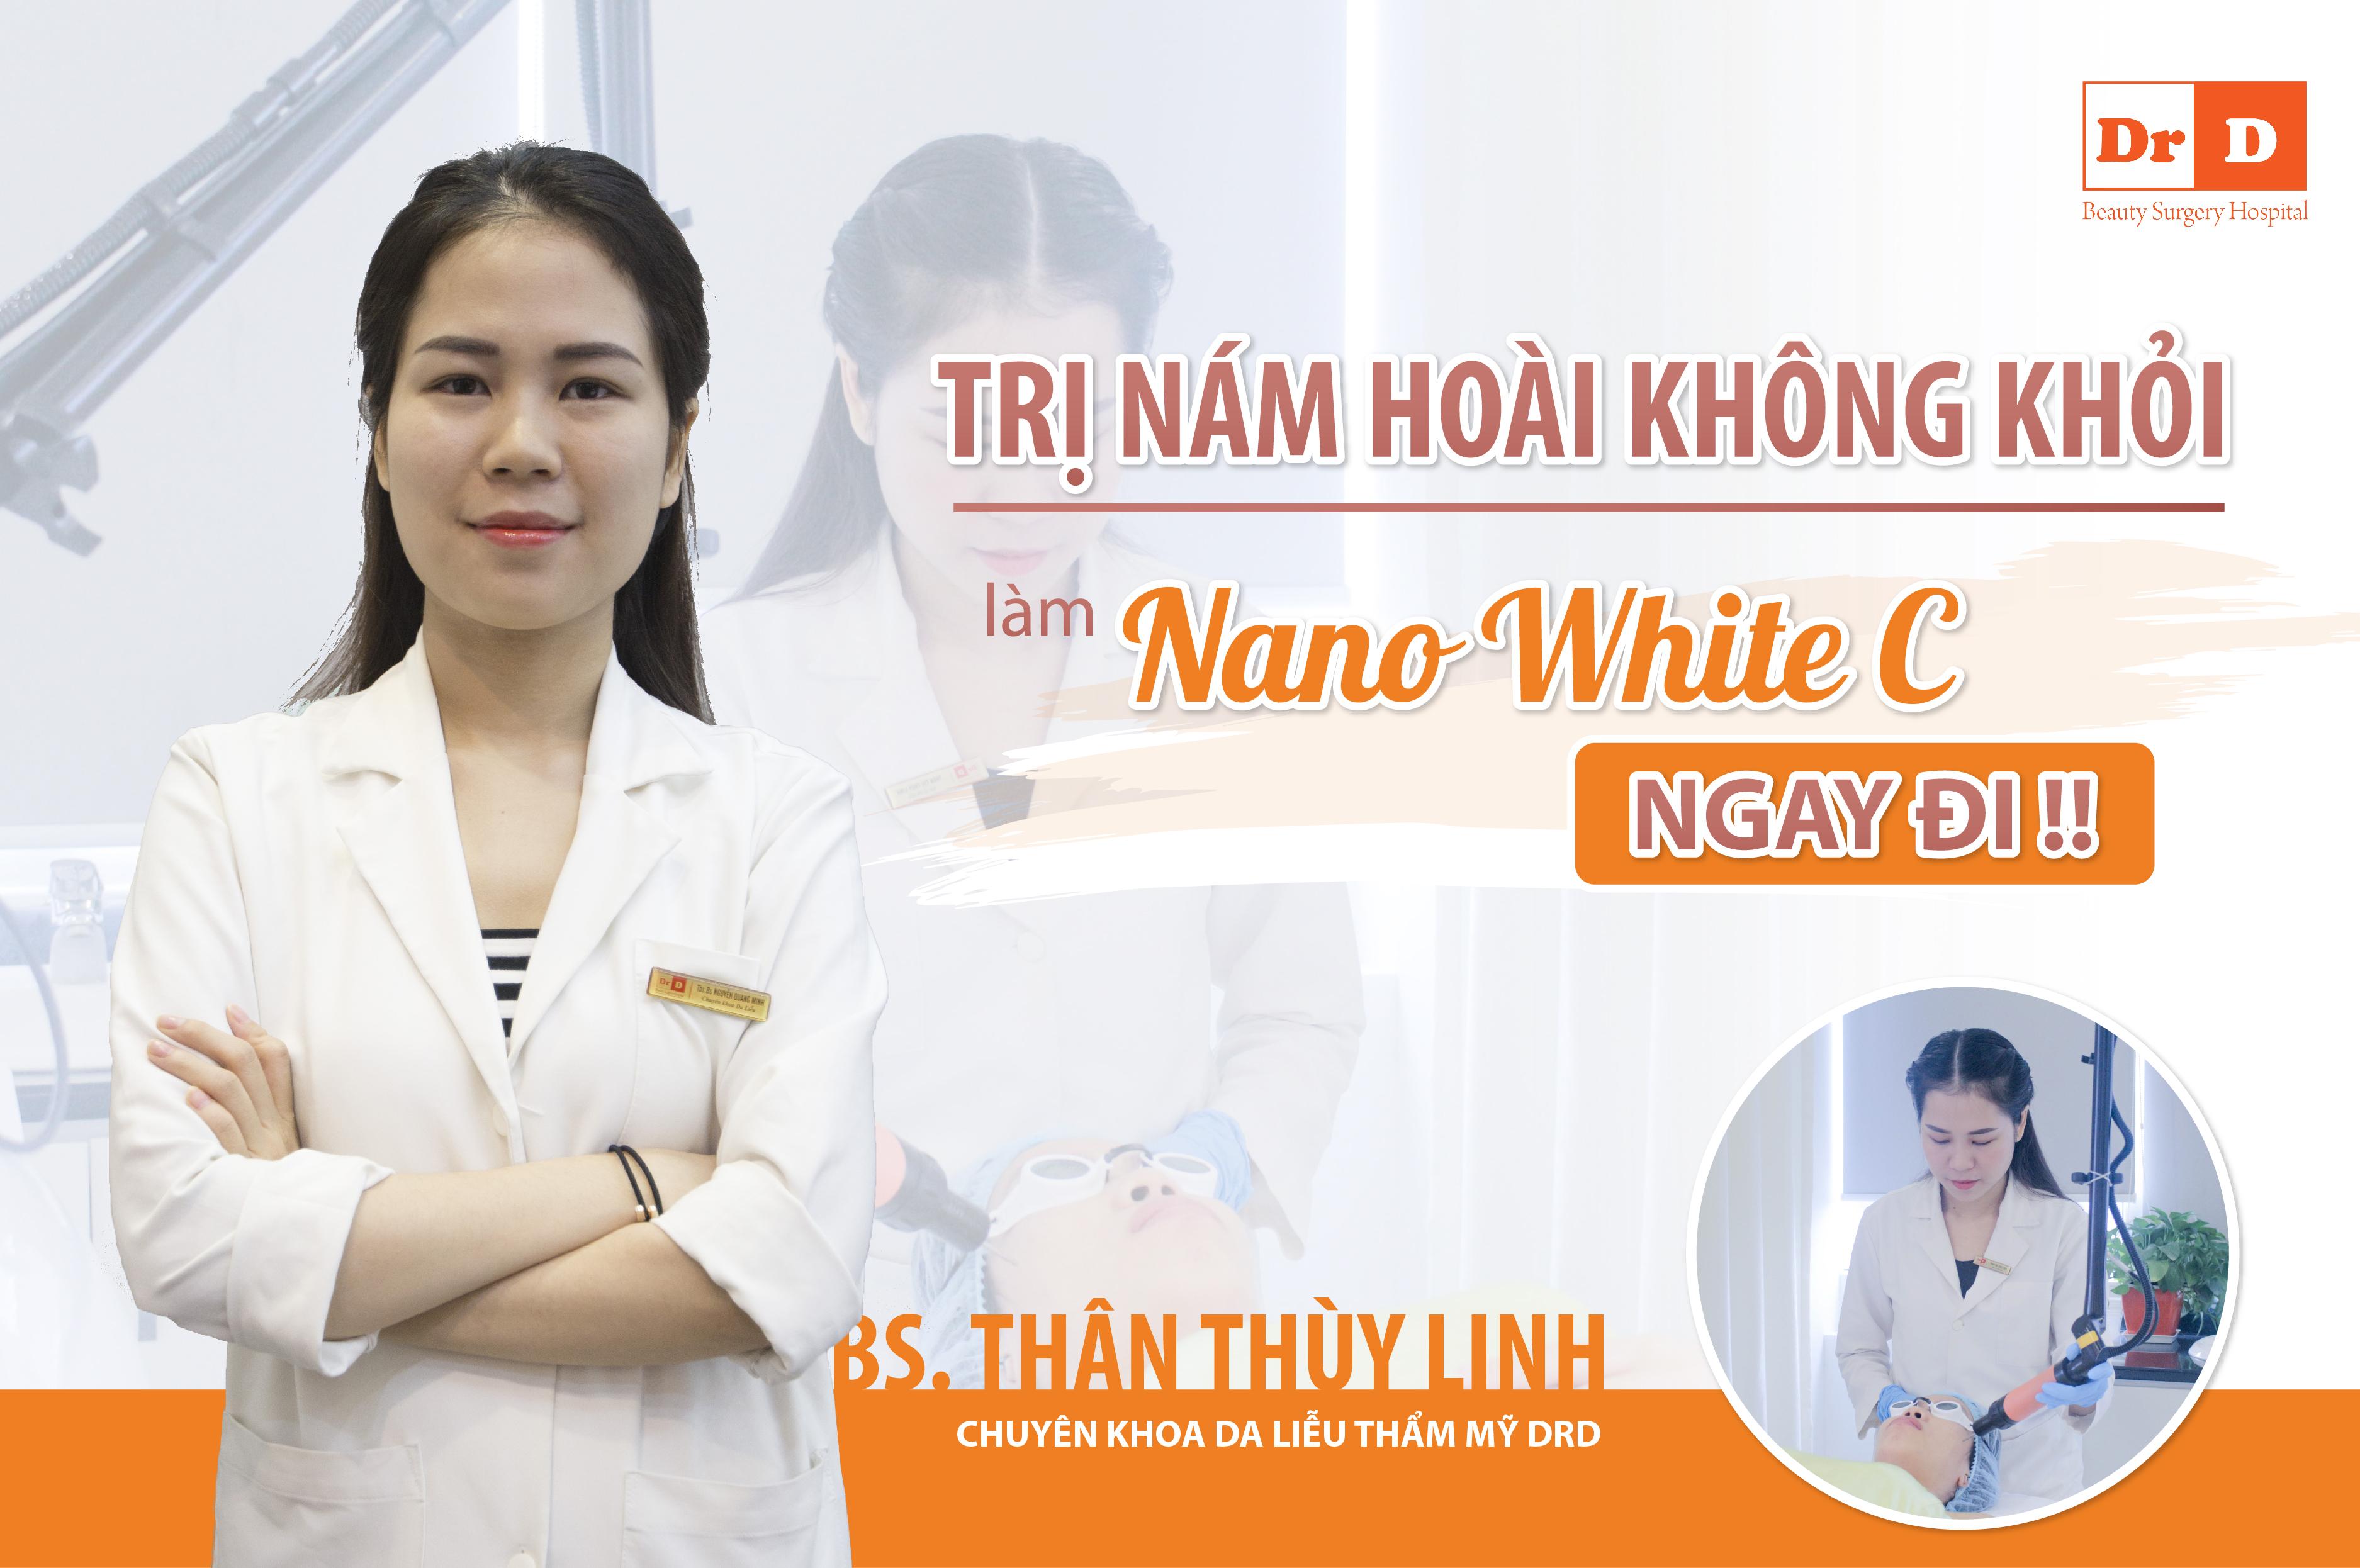 Nano-white-c-6